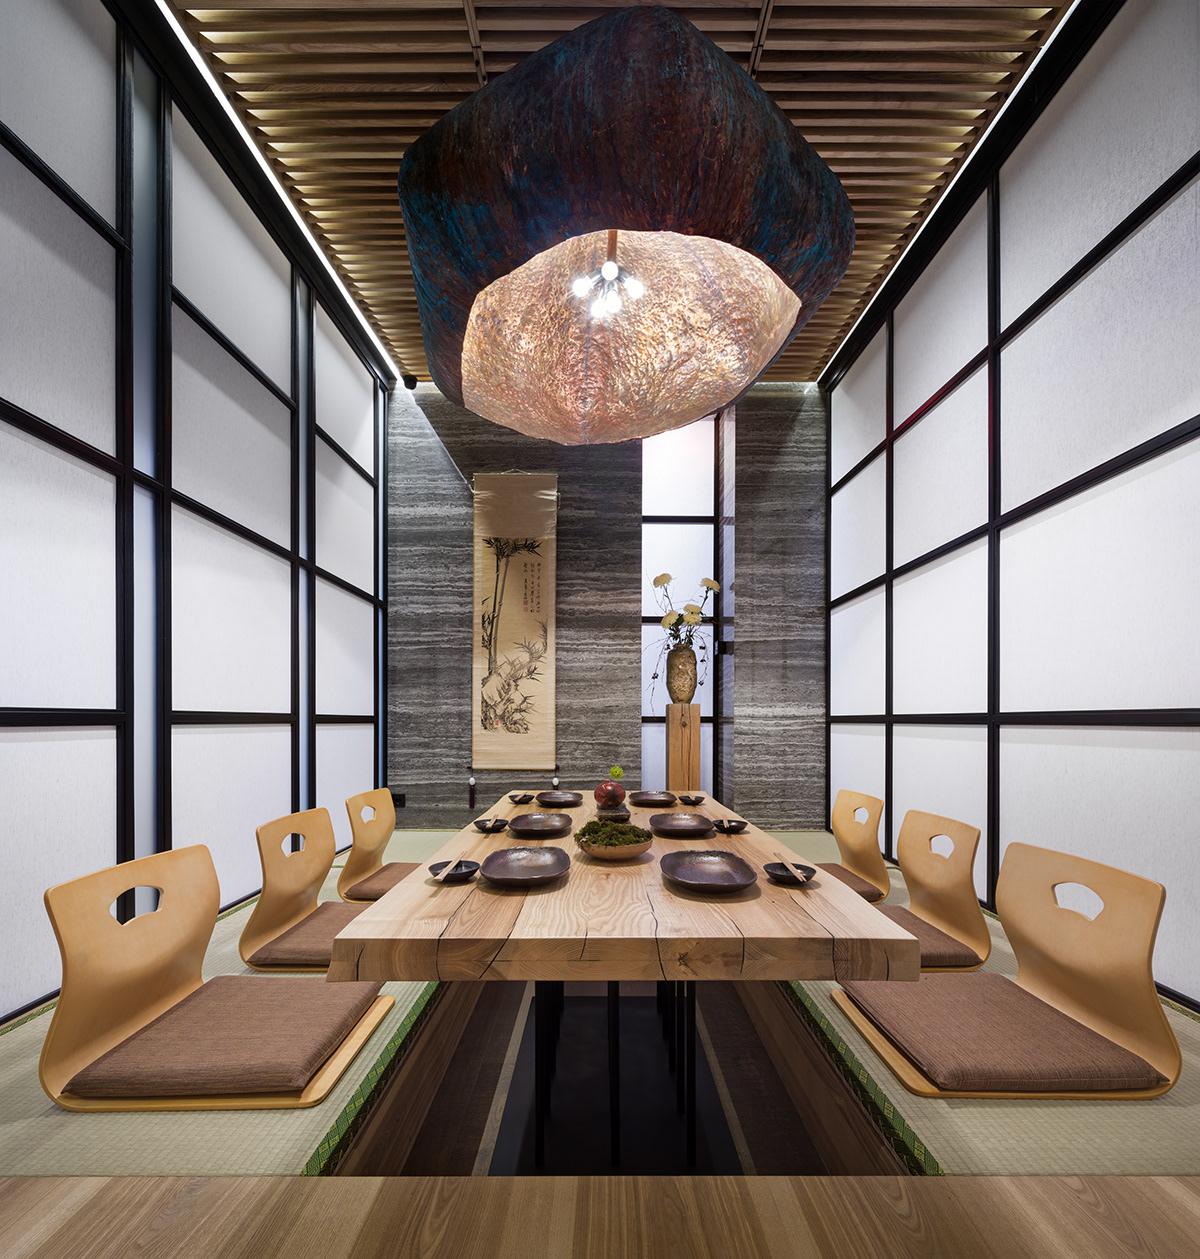 Bài trí ánh sáng trong không gian nhà hàng Nhật